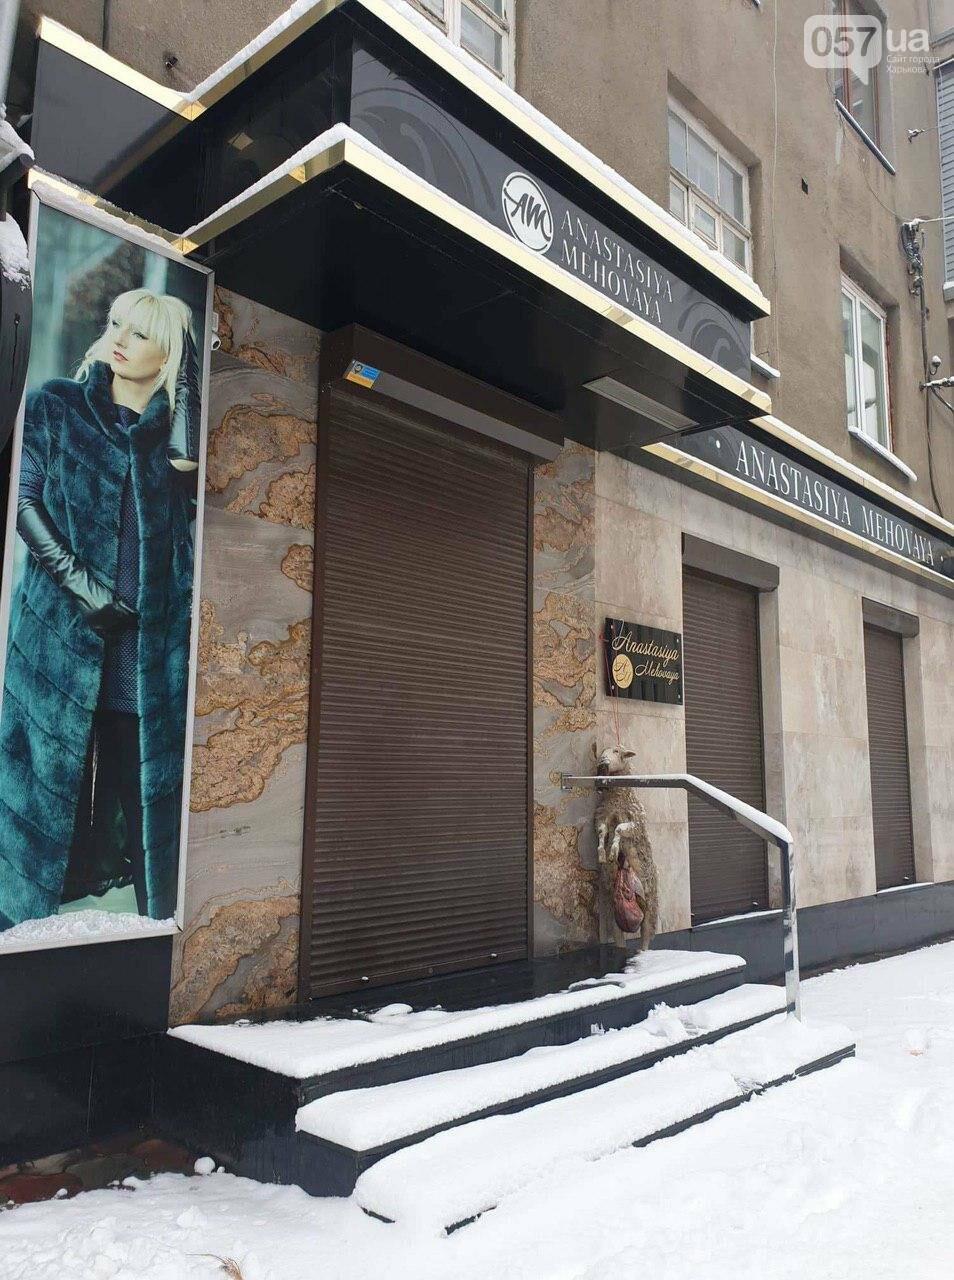 В центре Харькова у дверей бутика повесили выпотрошенный труп овцы, - ФОТО, фото-2